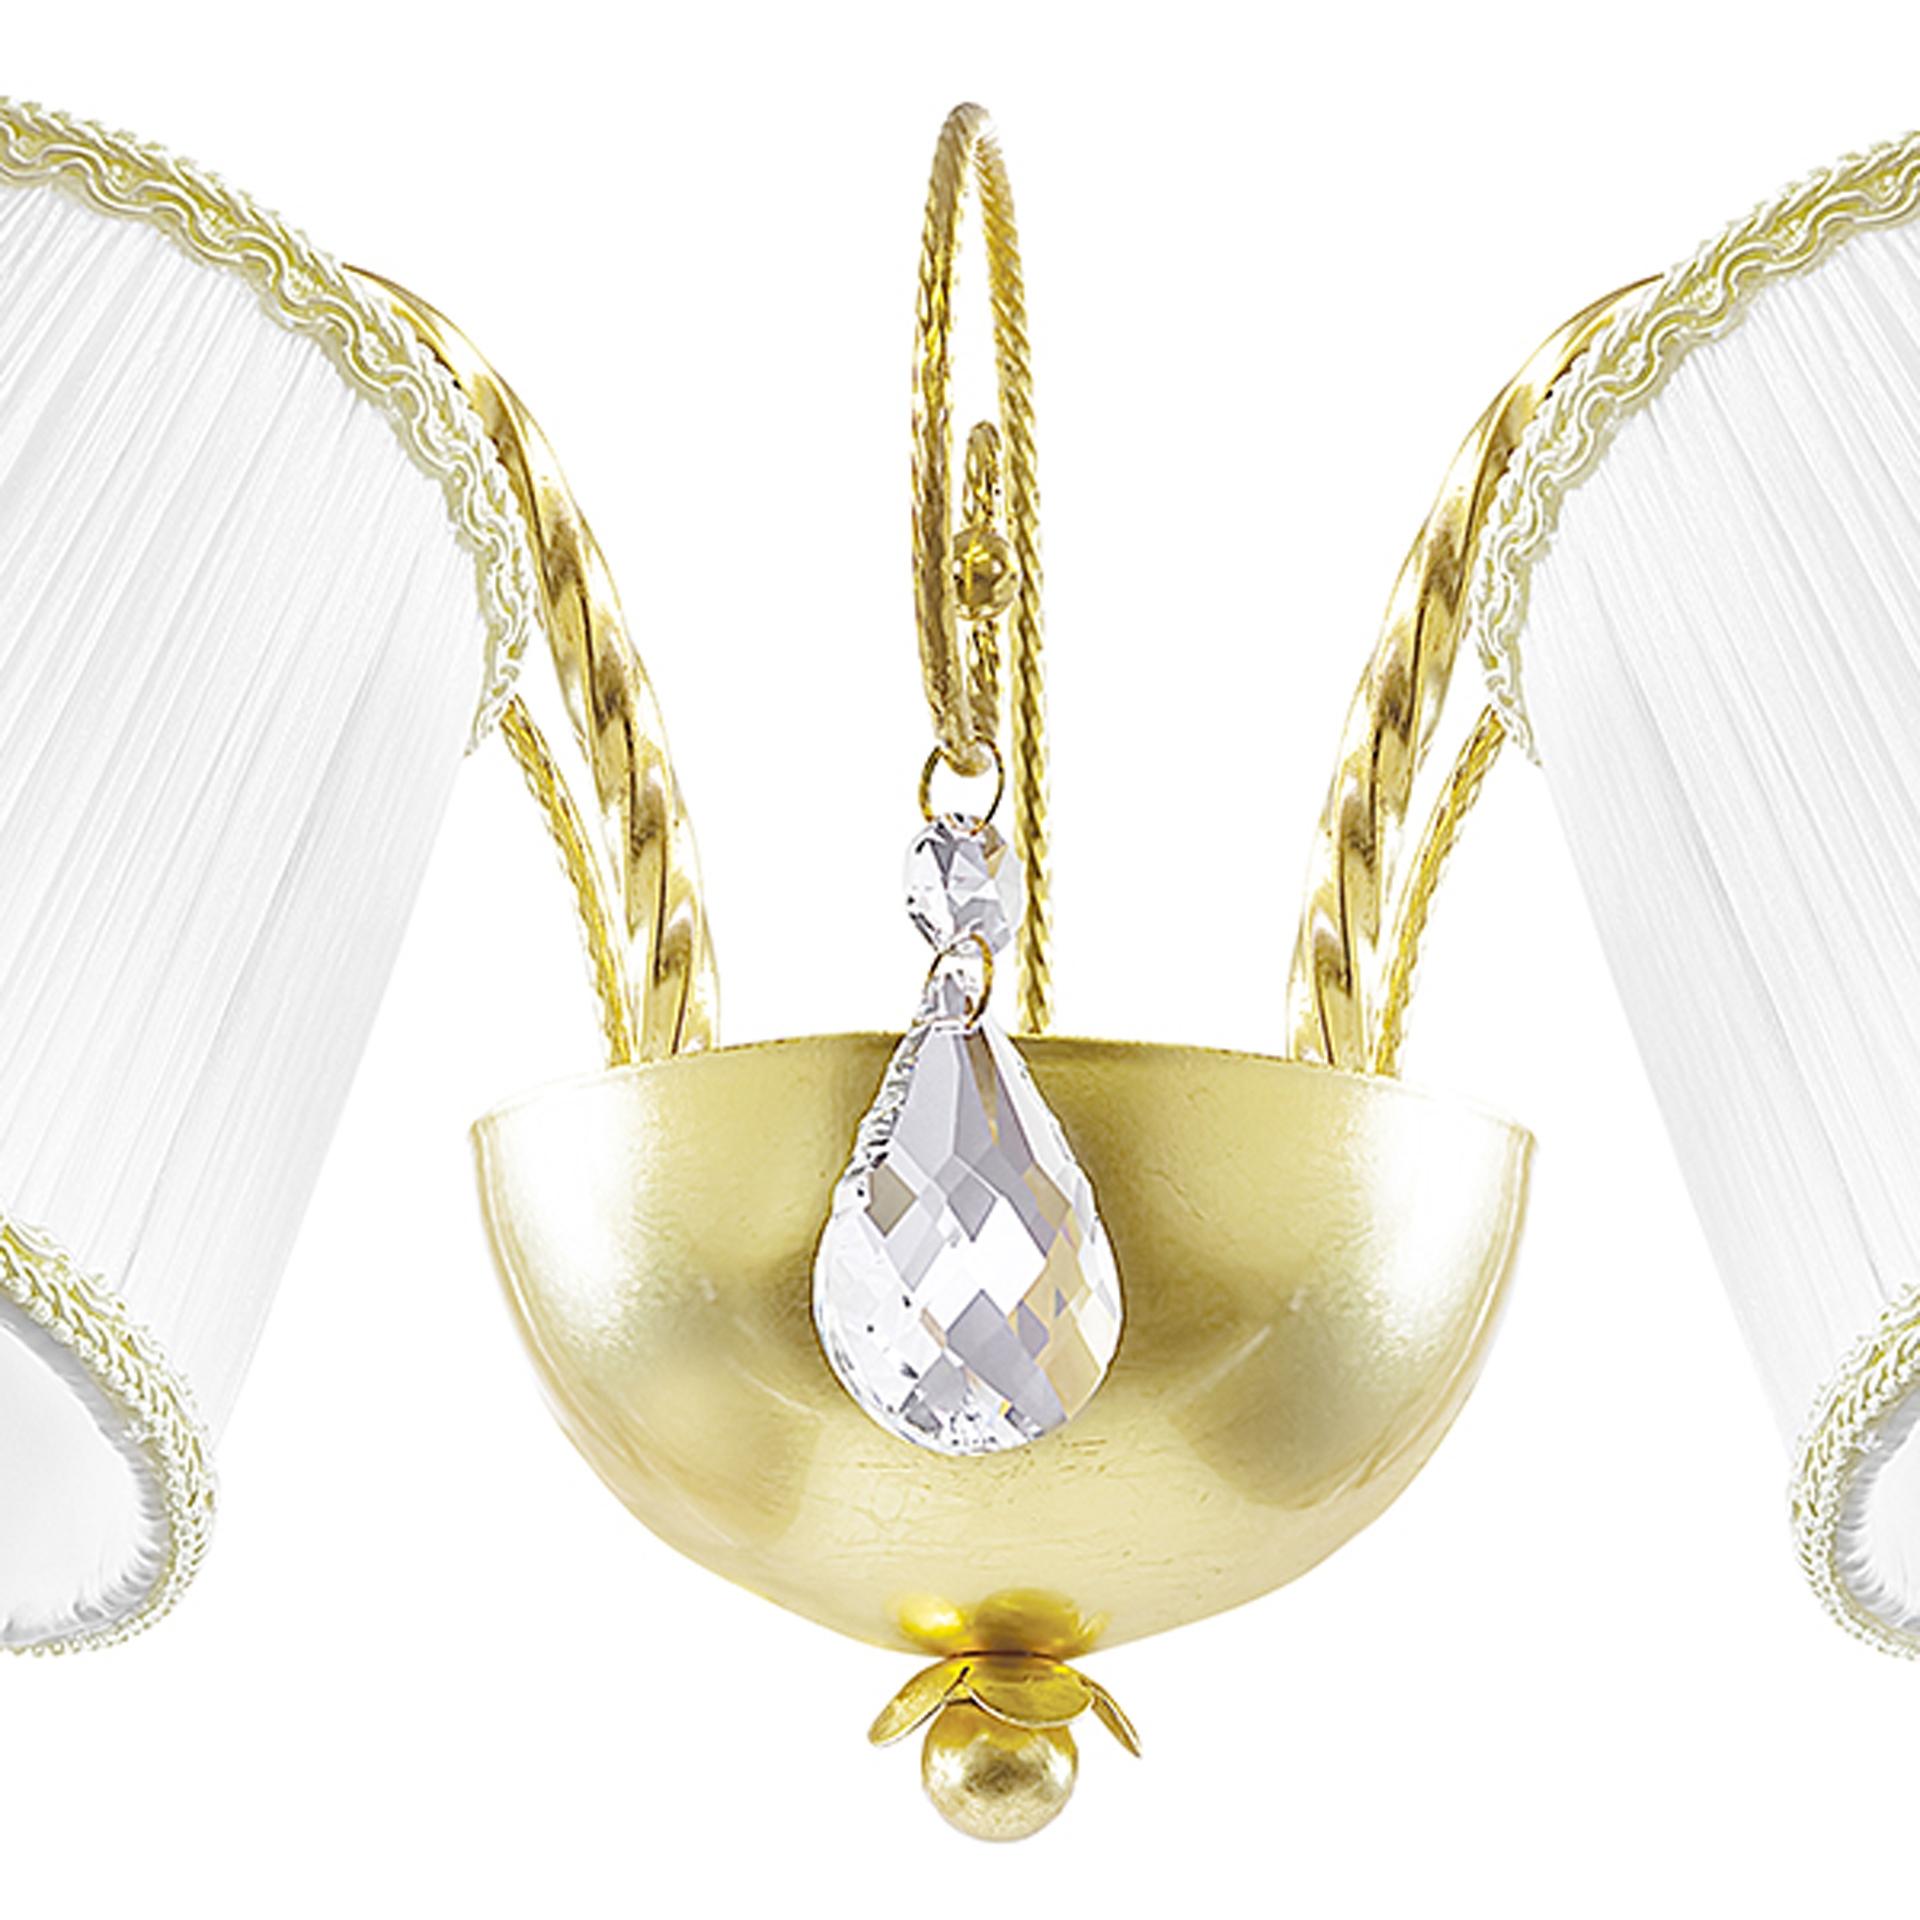 Бра Esedra Lightstar 796623, купить в СПб, Москве, с доставкой, Санкт-Петербург, интернет-магазин люстр и светильников Starlight, фото в жизни